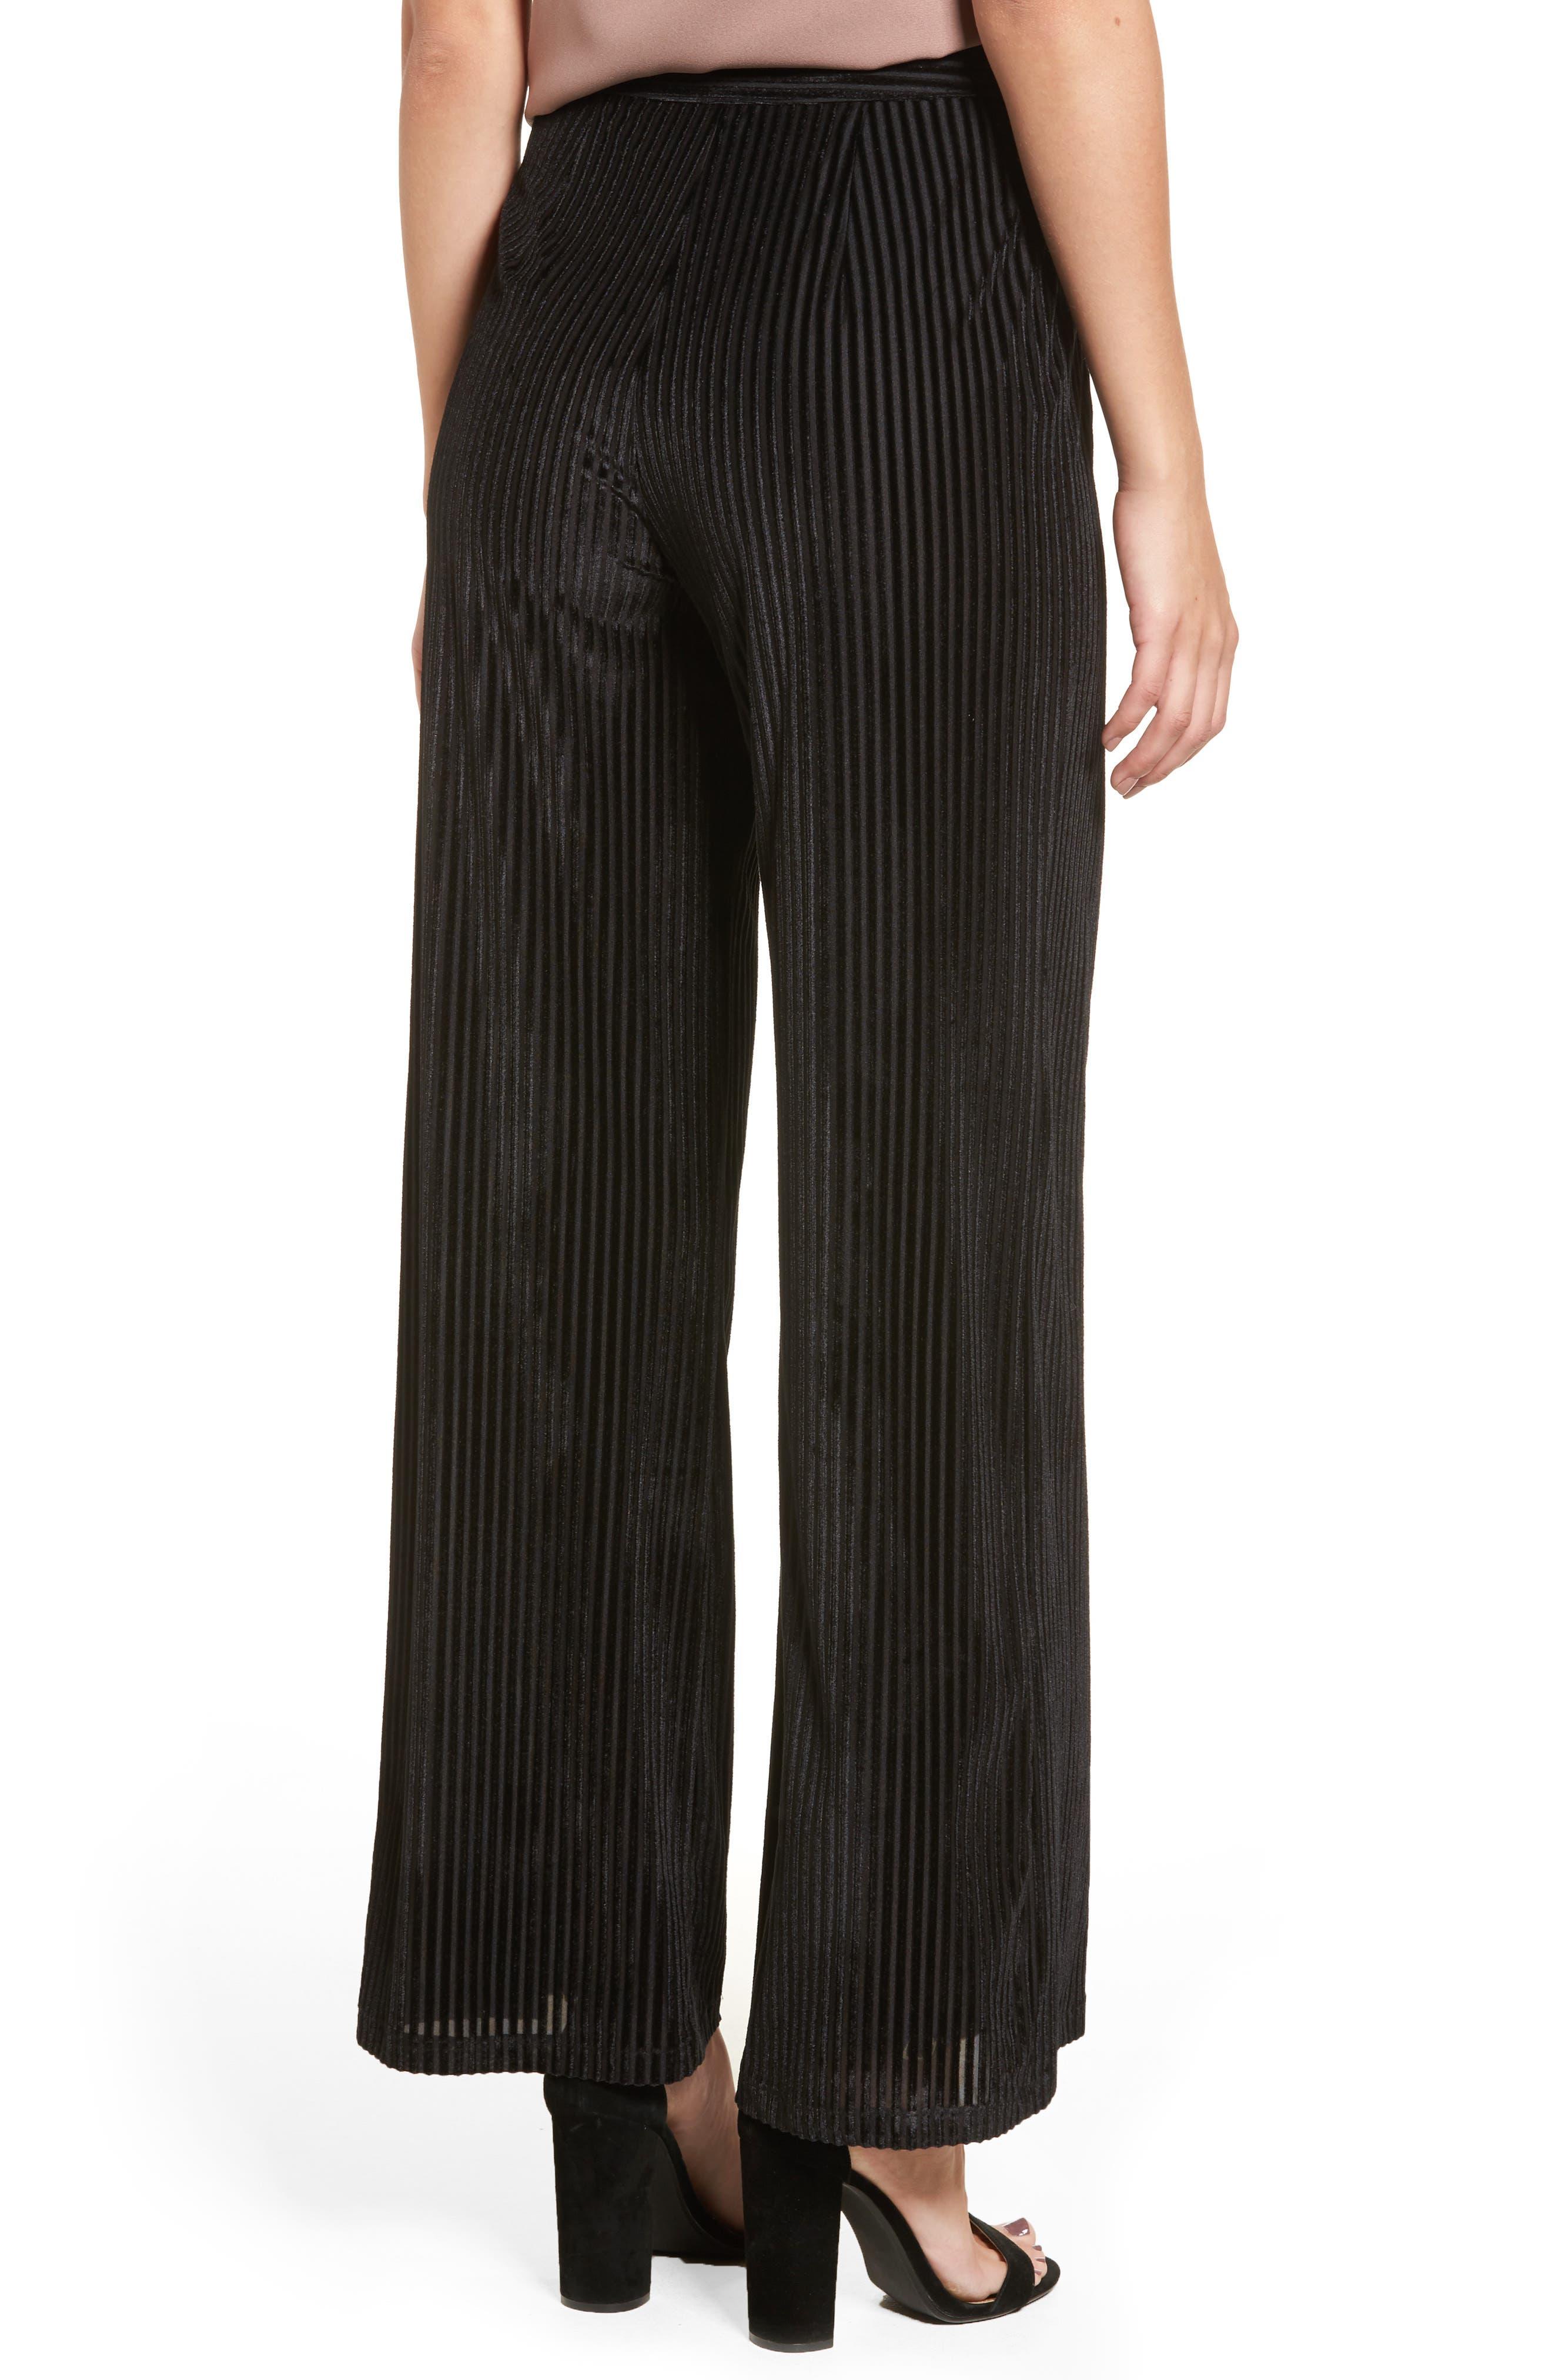 Marley Velvet Pants,                             Alternate thumbnail 2, color,                             Black